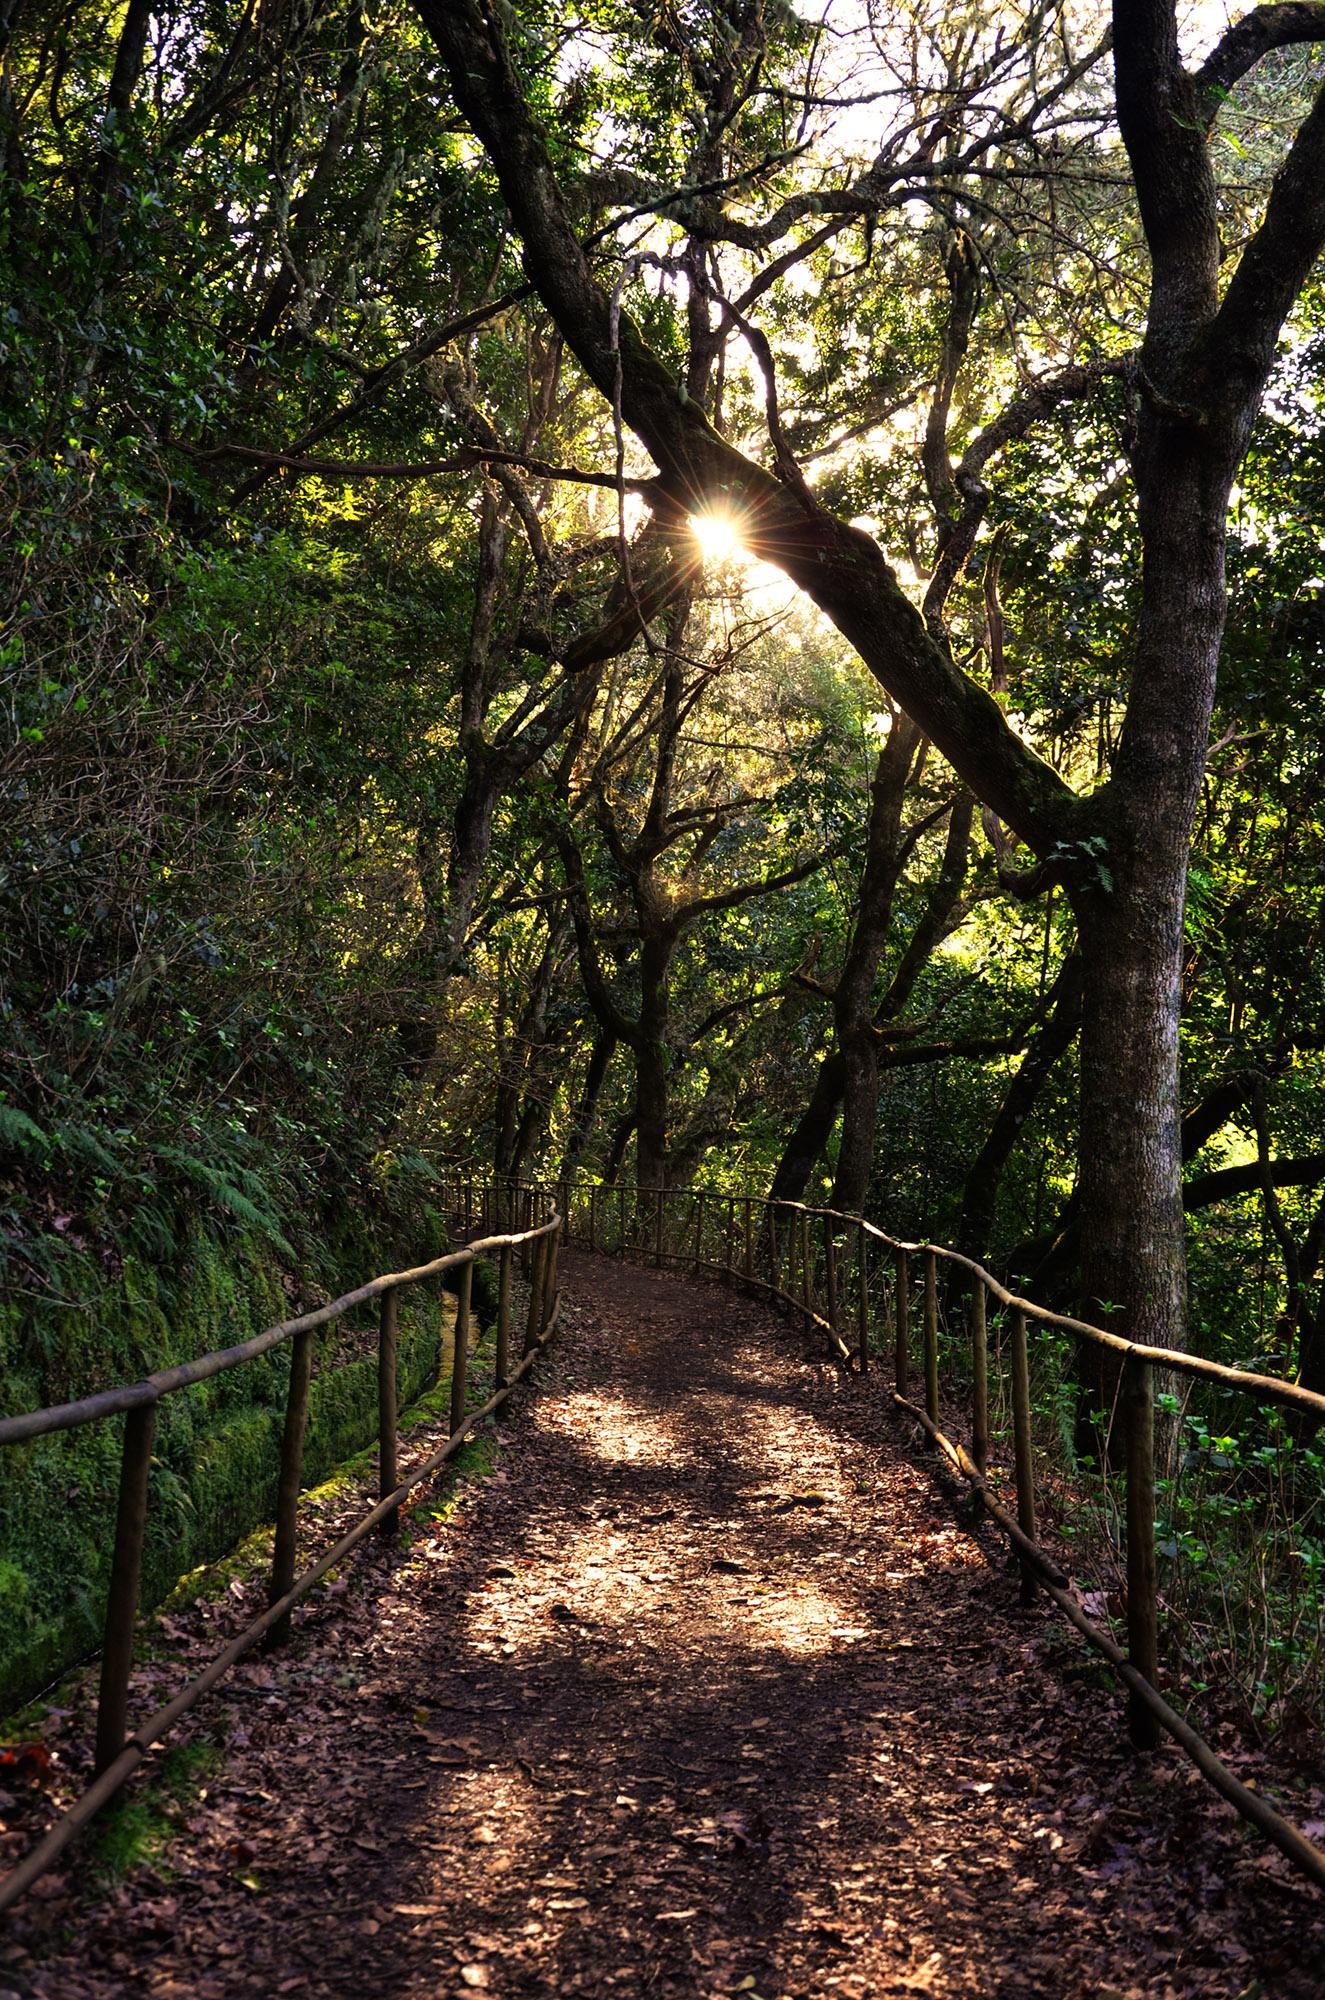 arquipelago-da-madeira-trilha